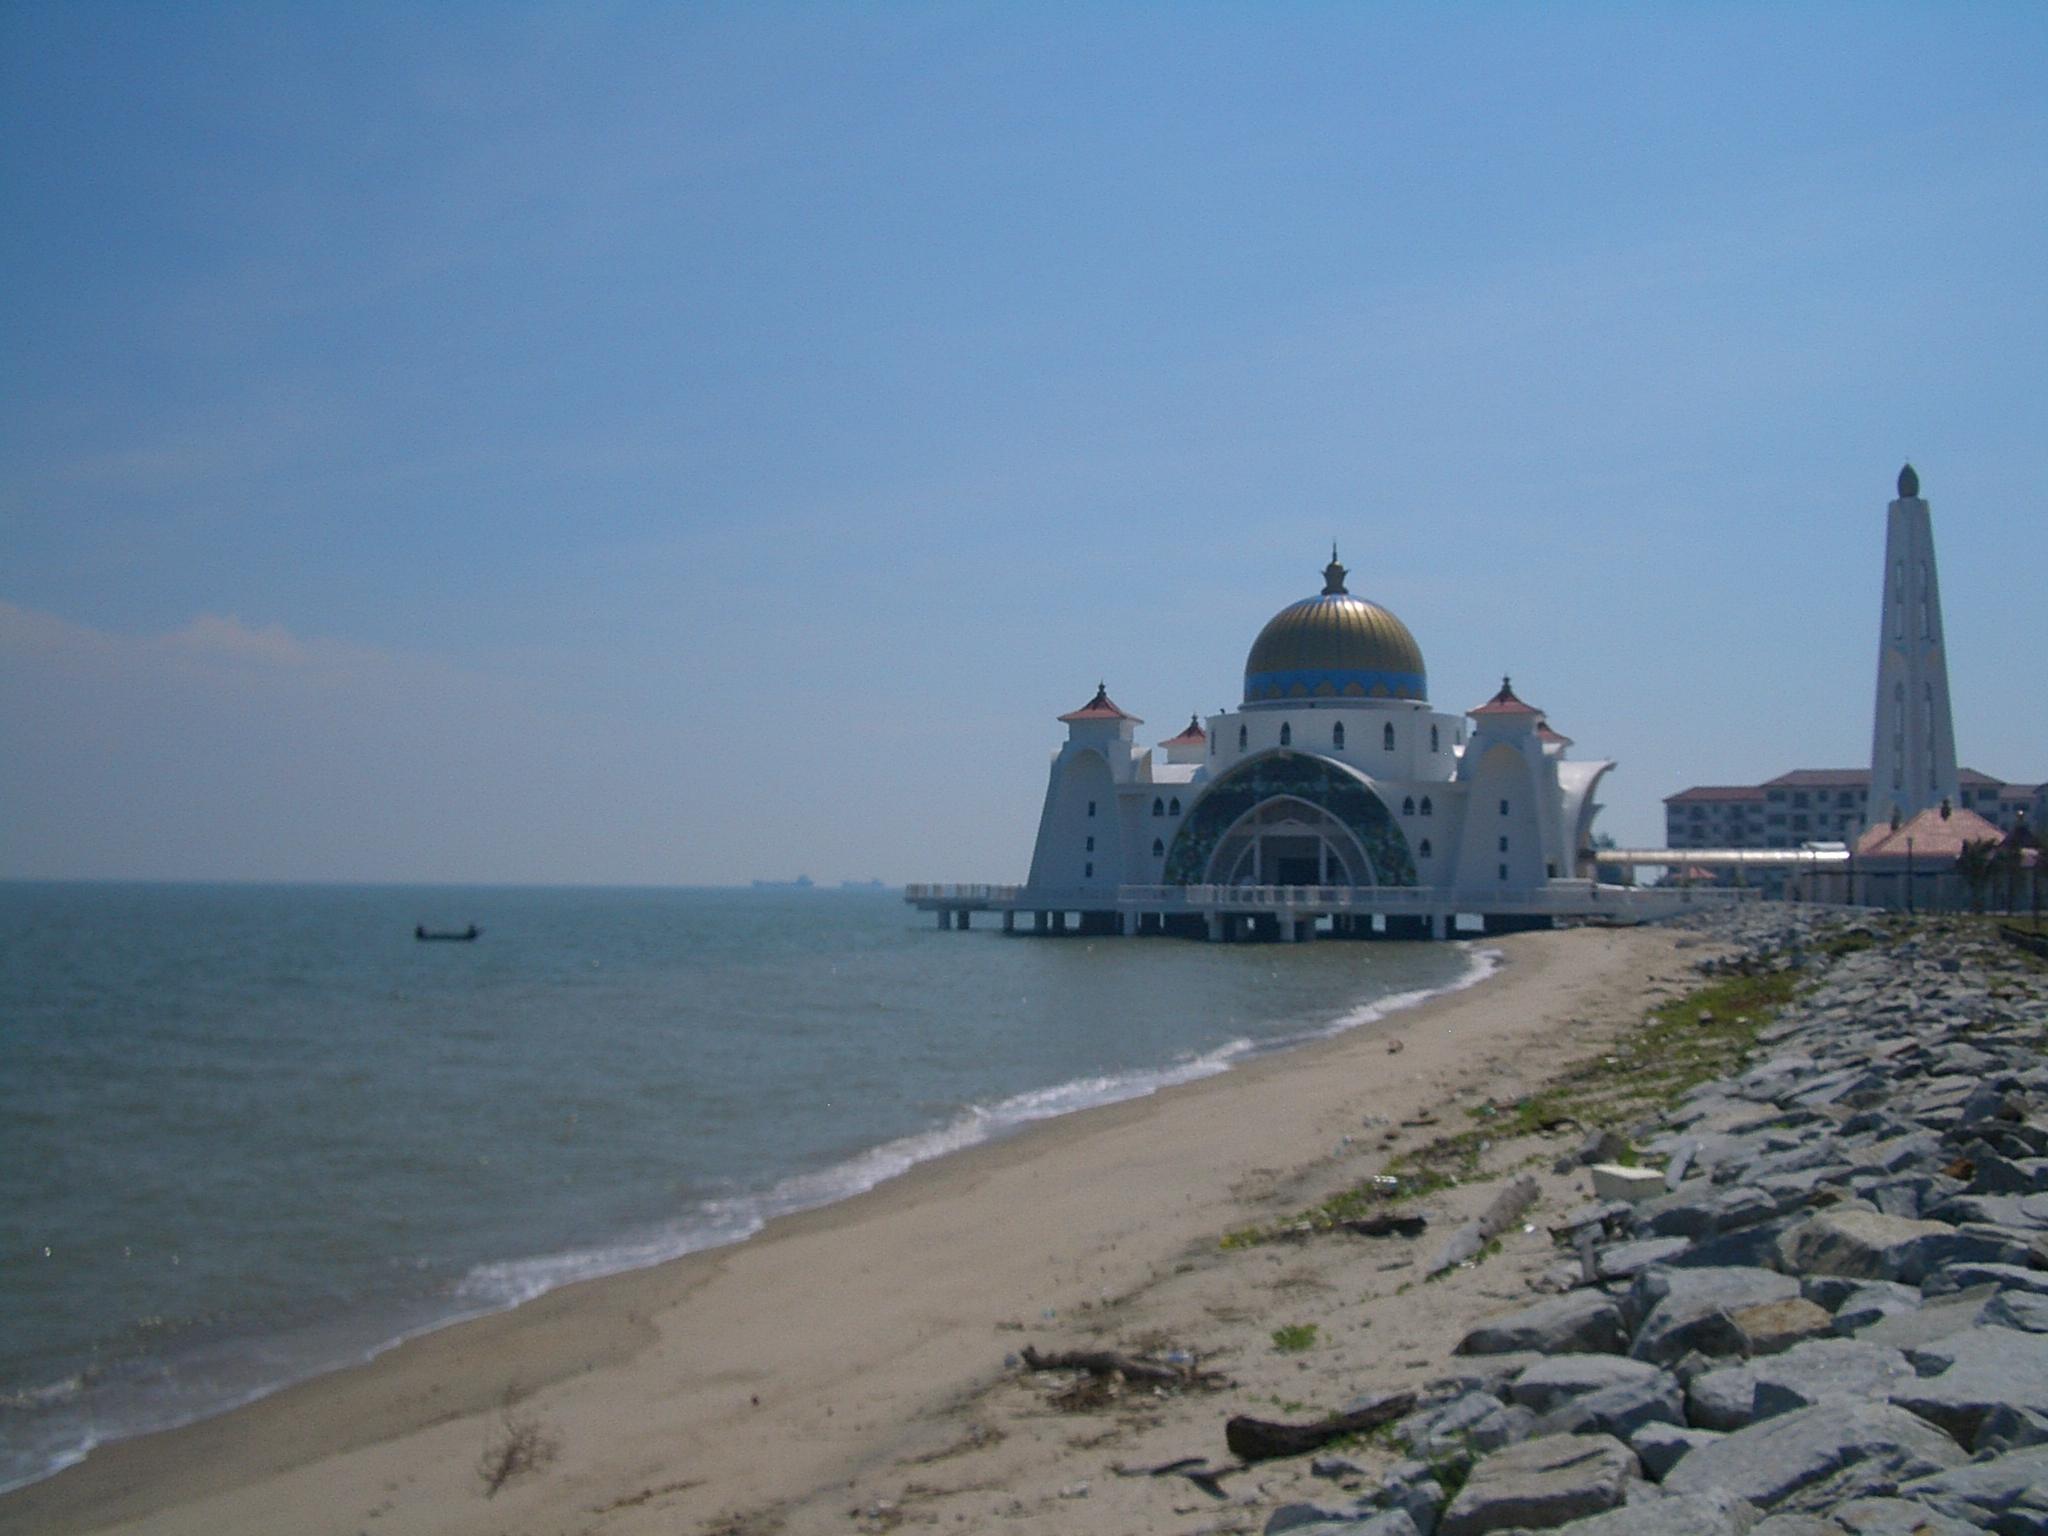 Homestay Masjid Selat Melaka File:masjid-selat-melaka-2259